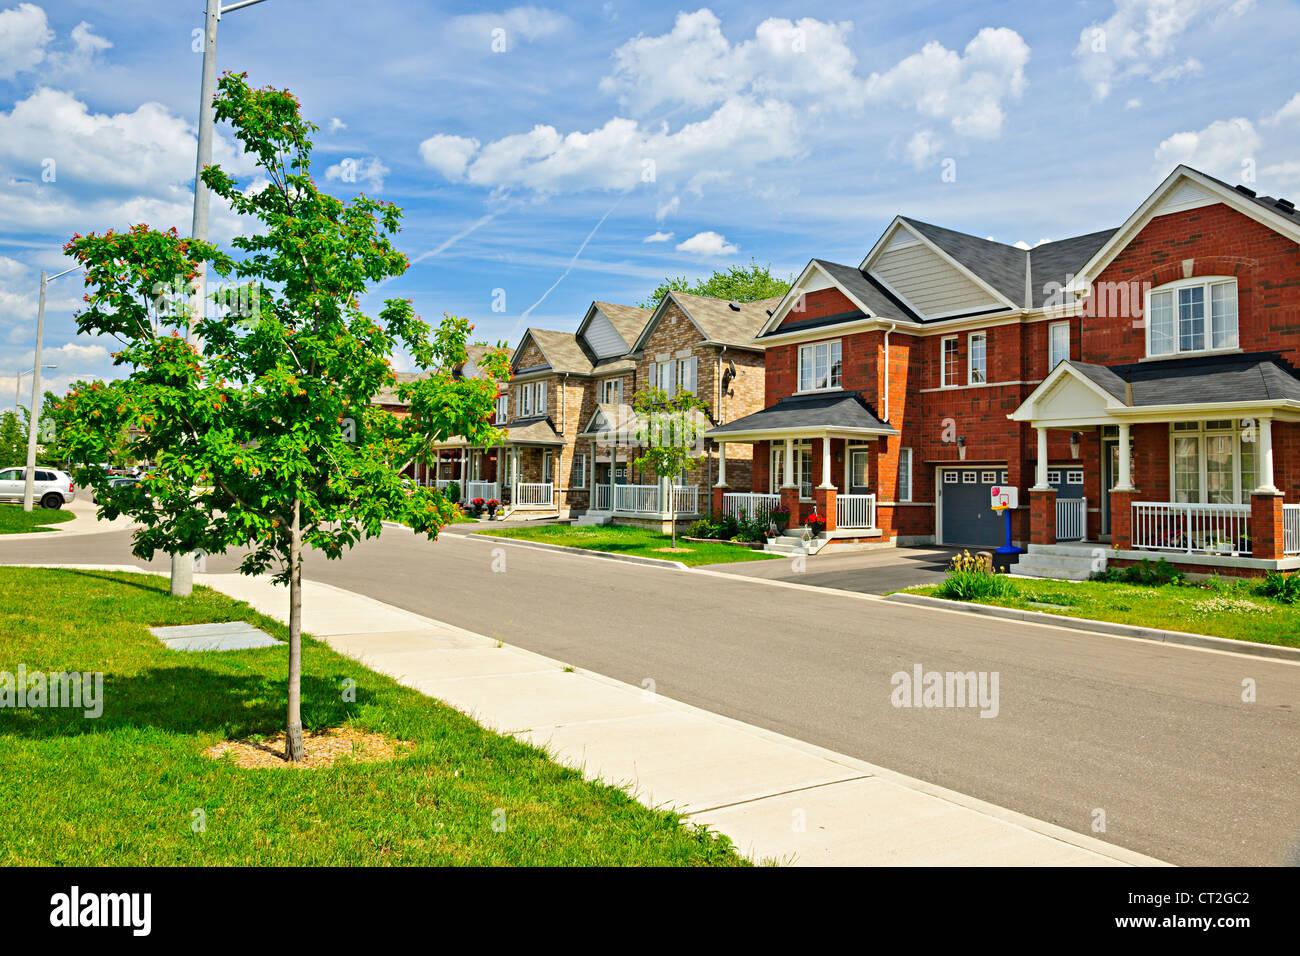 Rue résidentielle de banlieue avec des maisons de briques rouges Photo Stock